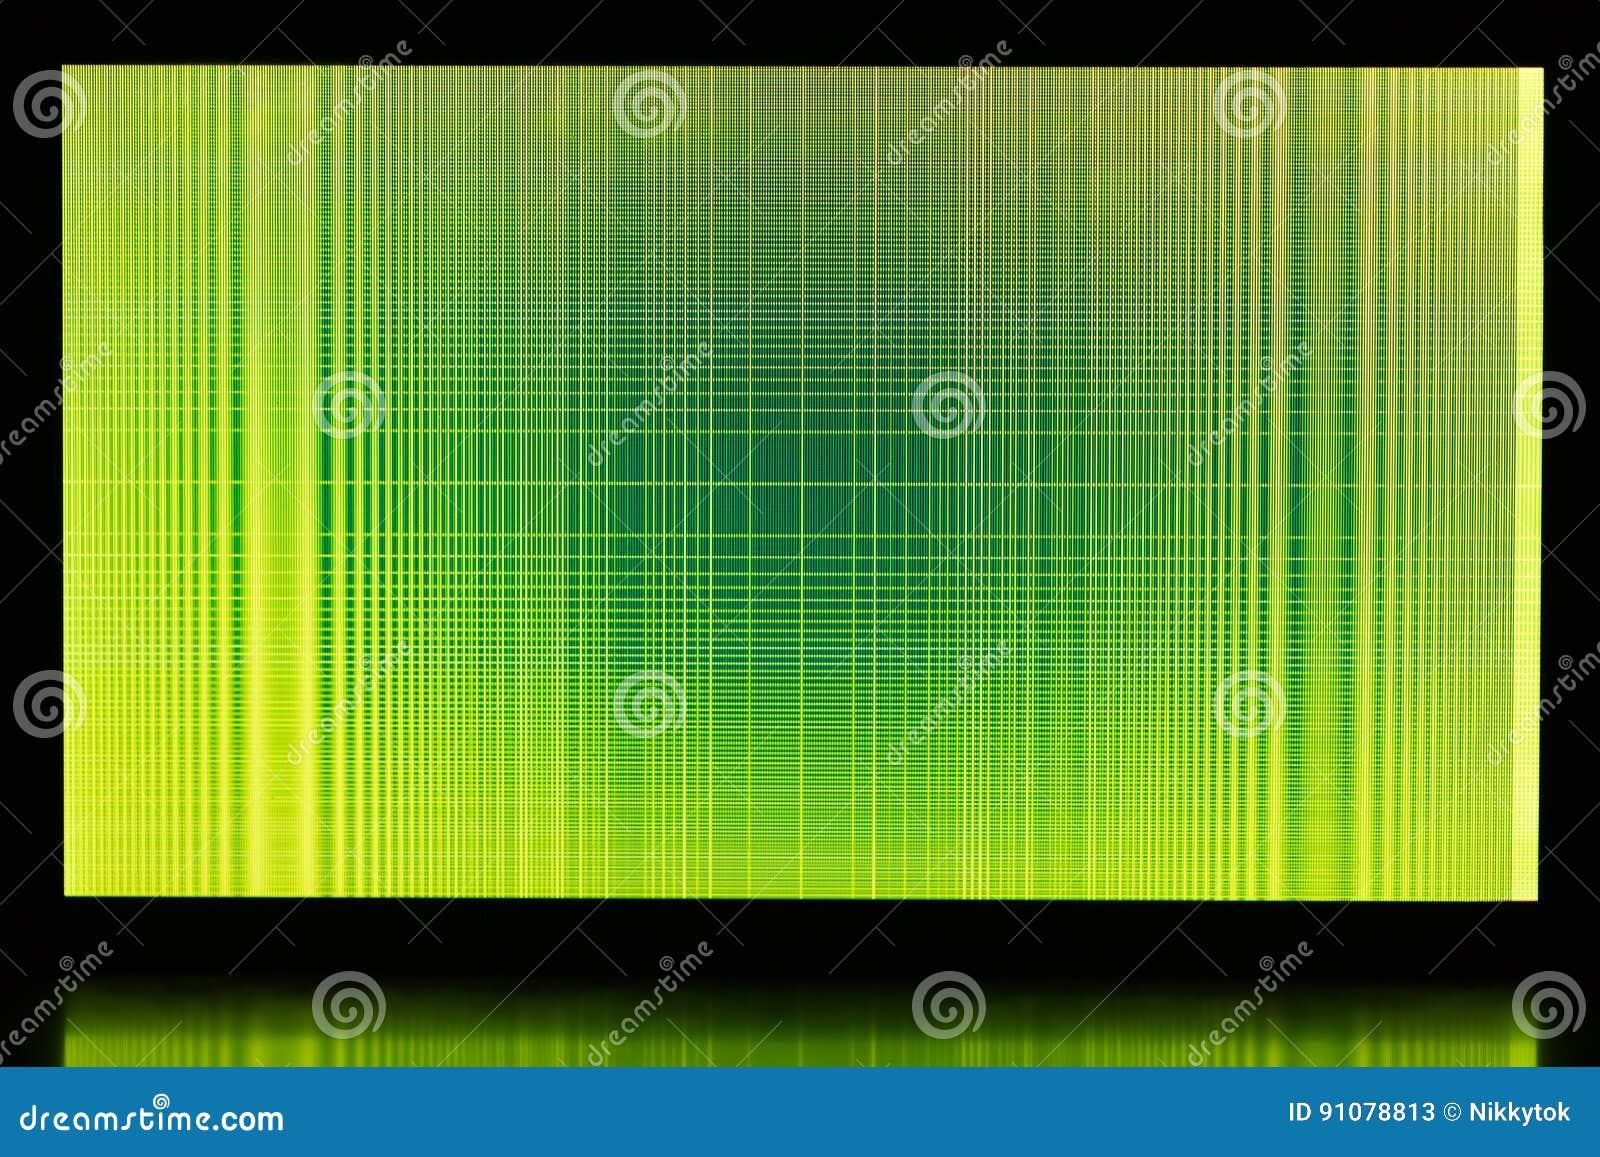 green screen crack effect